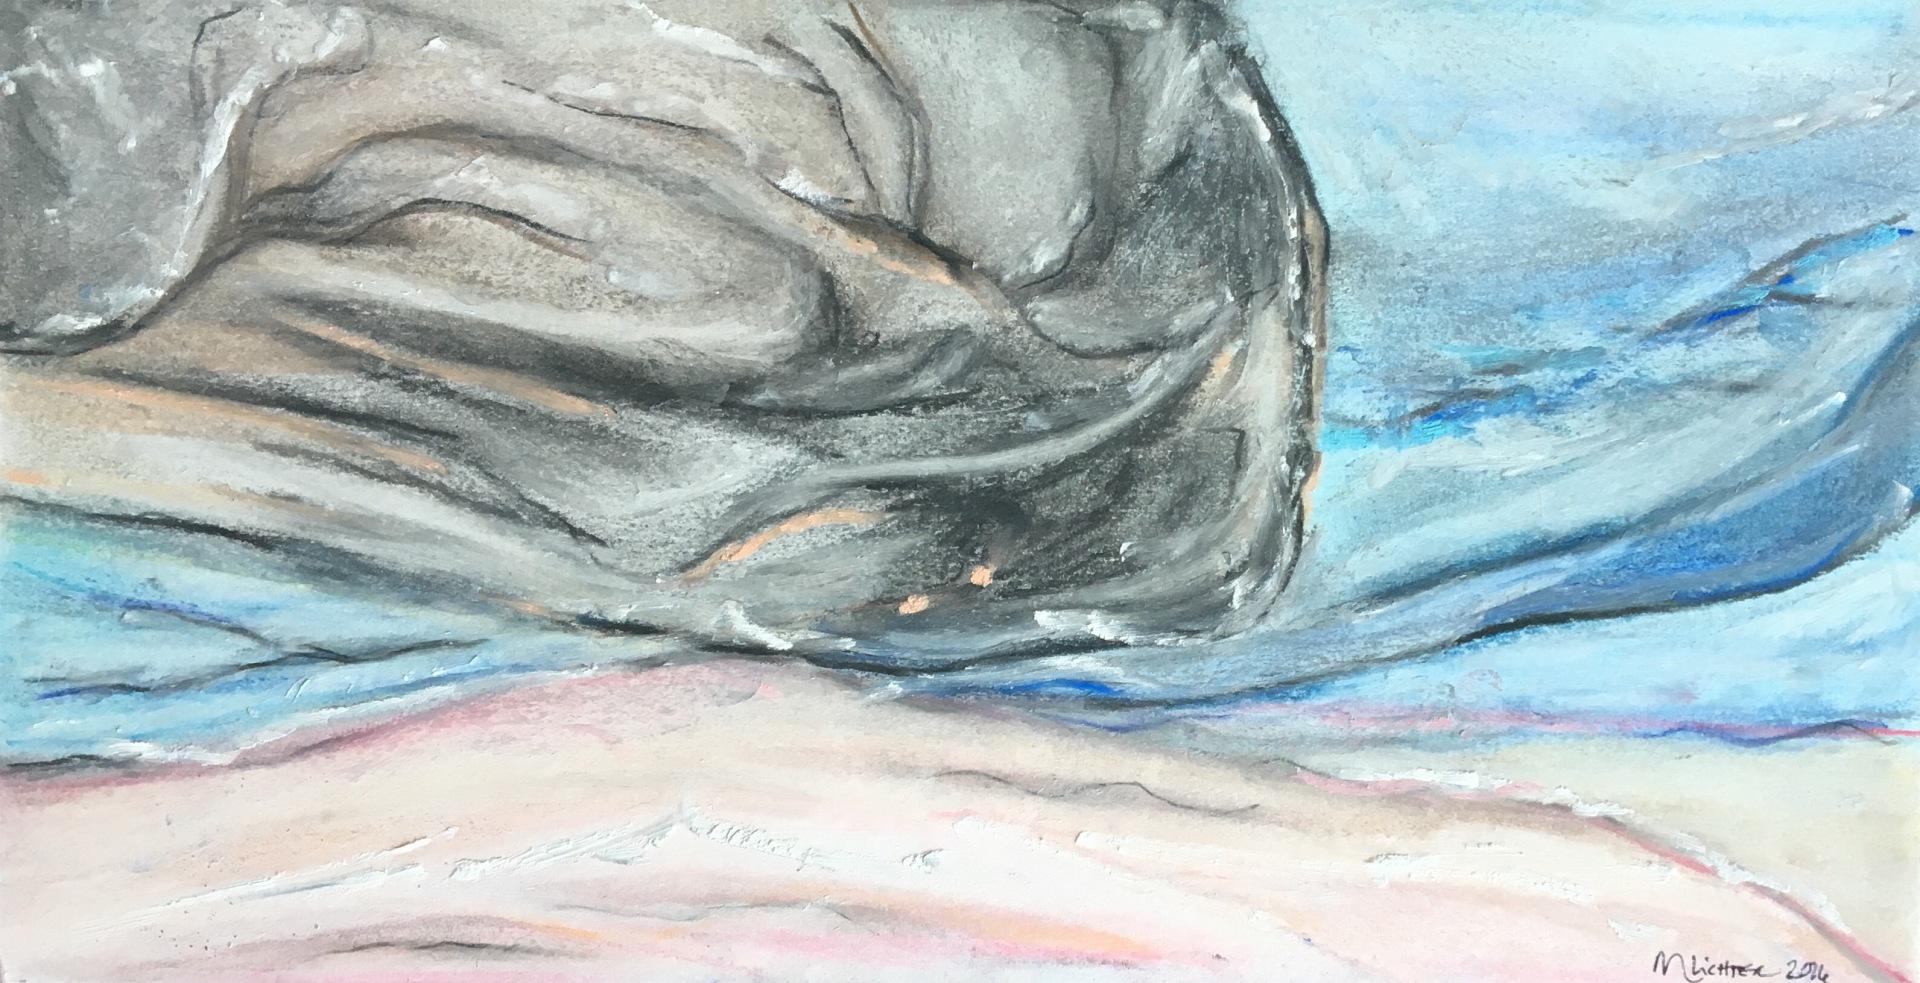 Reoriented, acrylic on canvas, pastel, original by Artist Mindy Lichter.  MLICHTER fINE ART dESIGN.